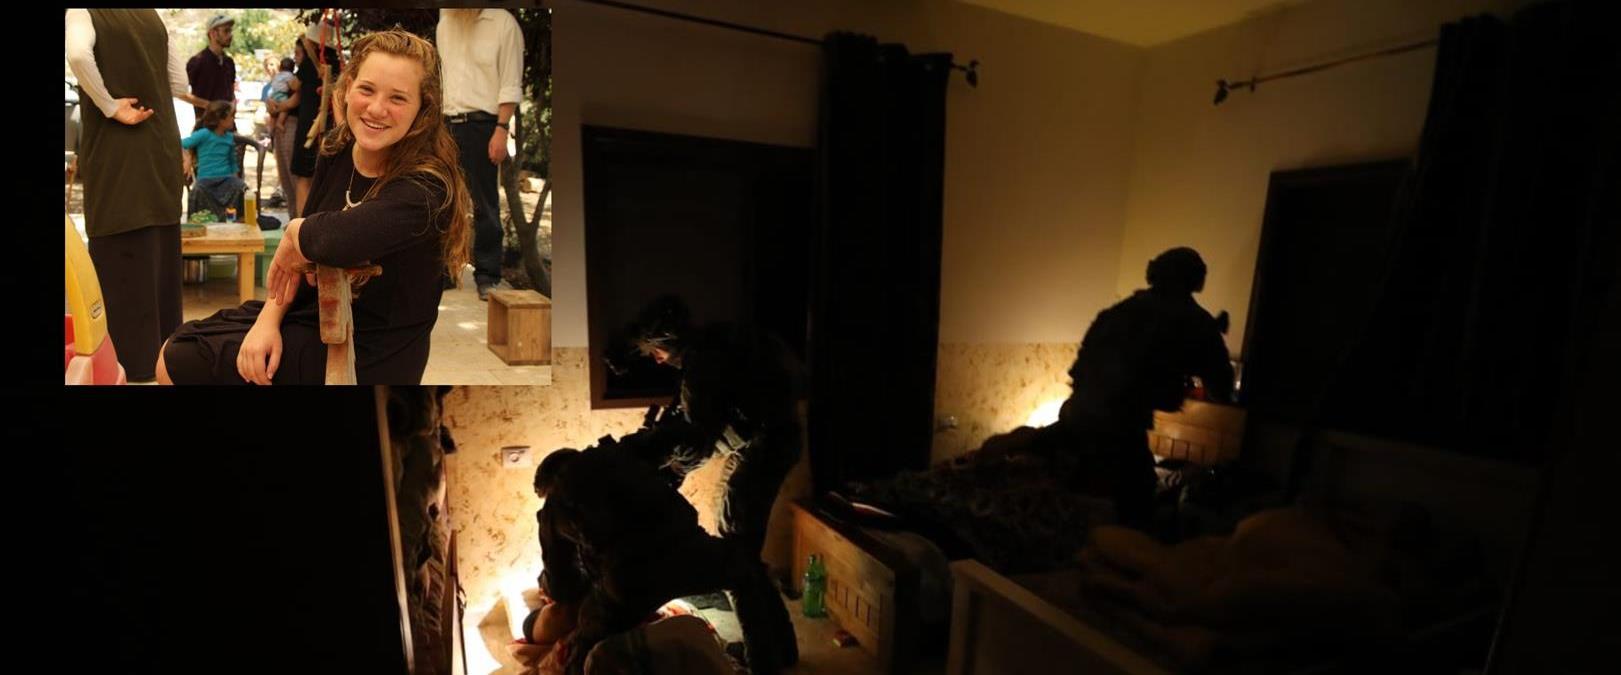 רגע מעצר המחבלים שביצעו את הפיגוע במעיין שבדולב